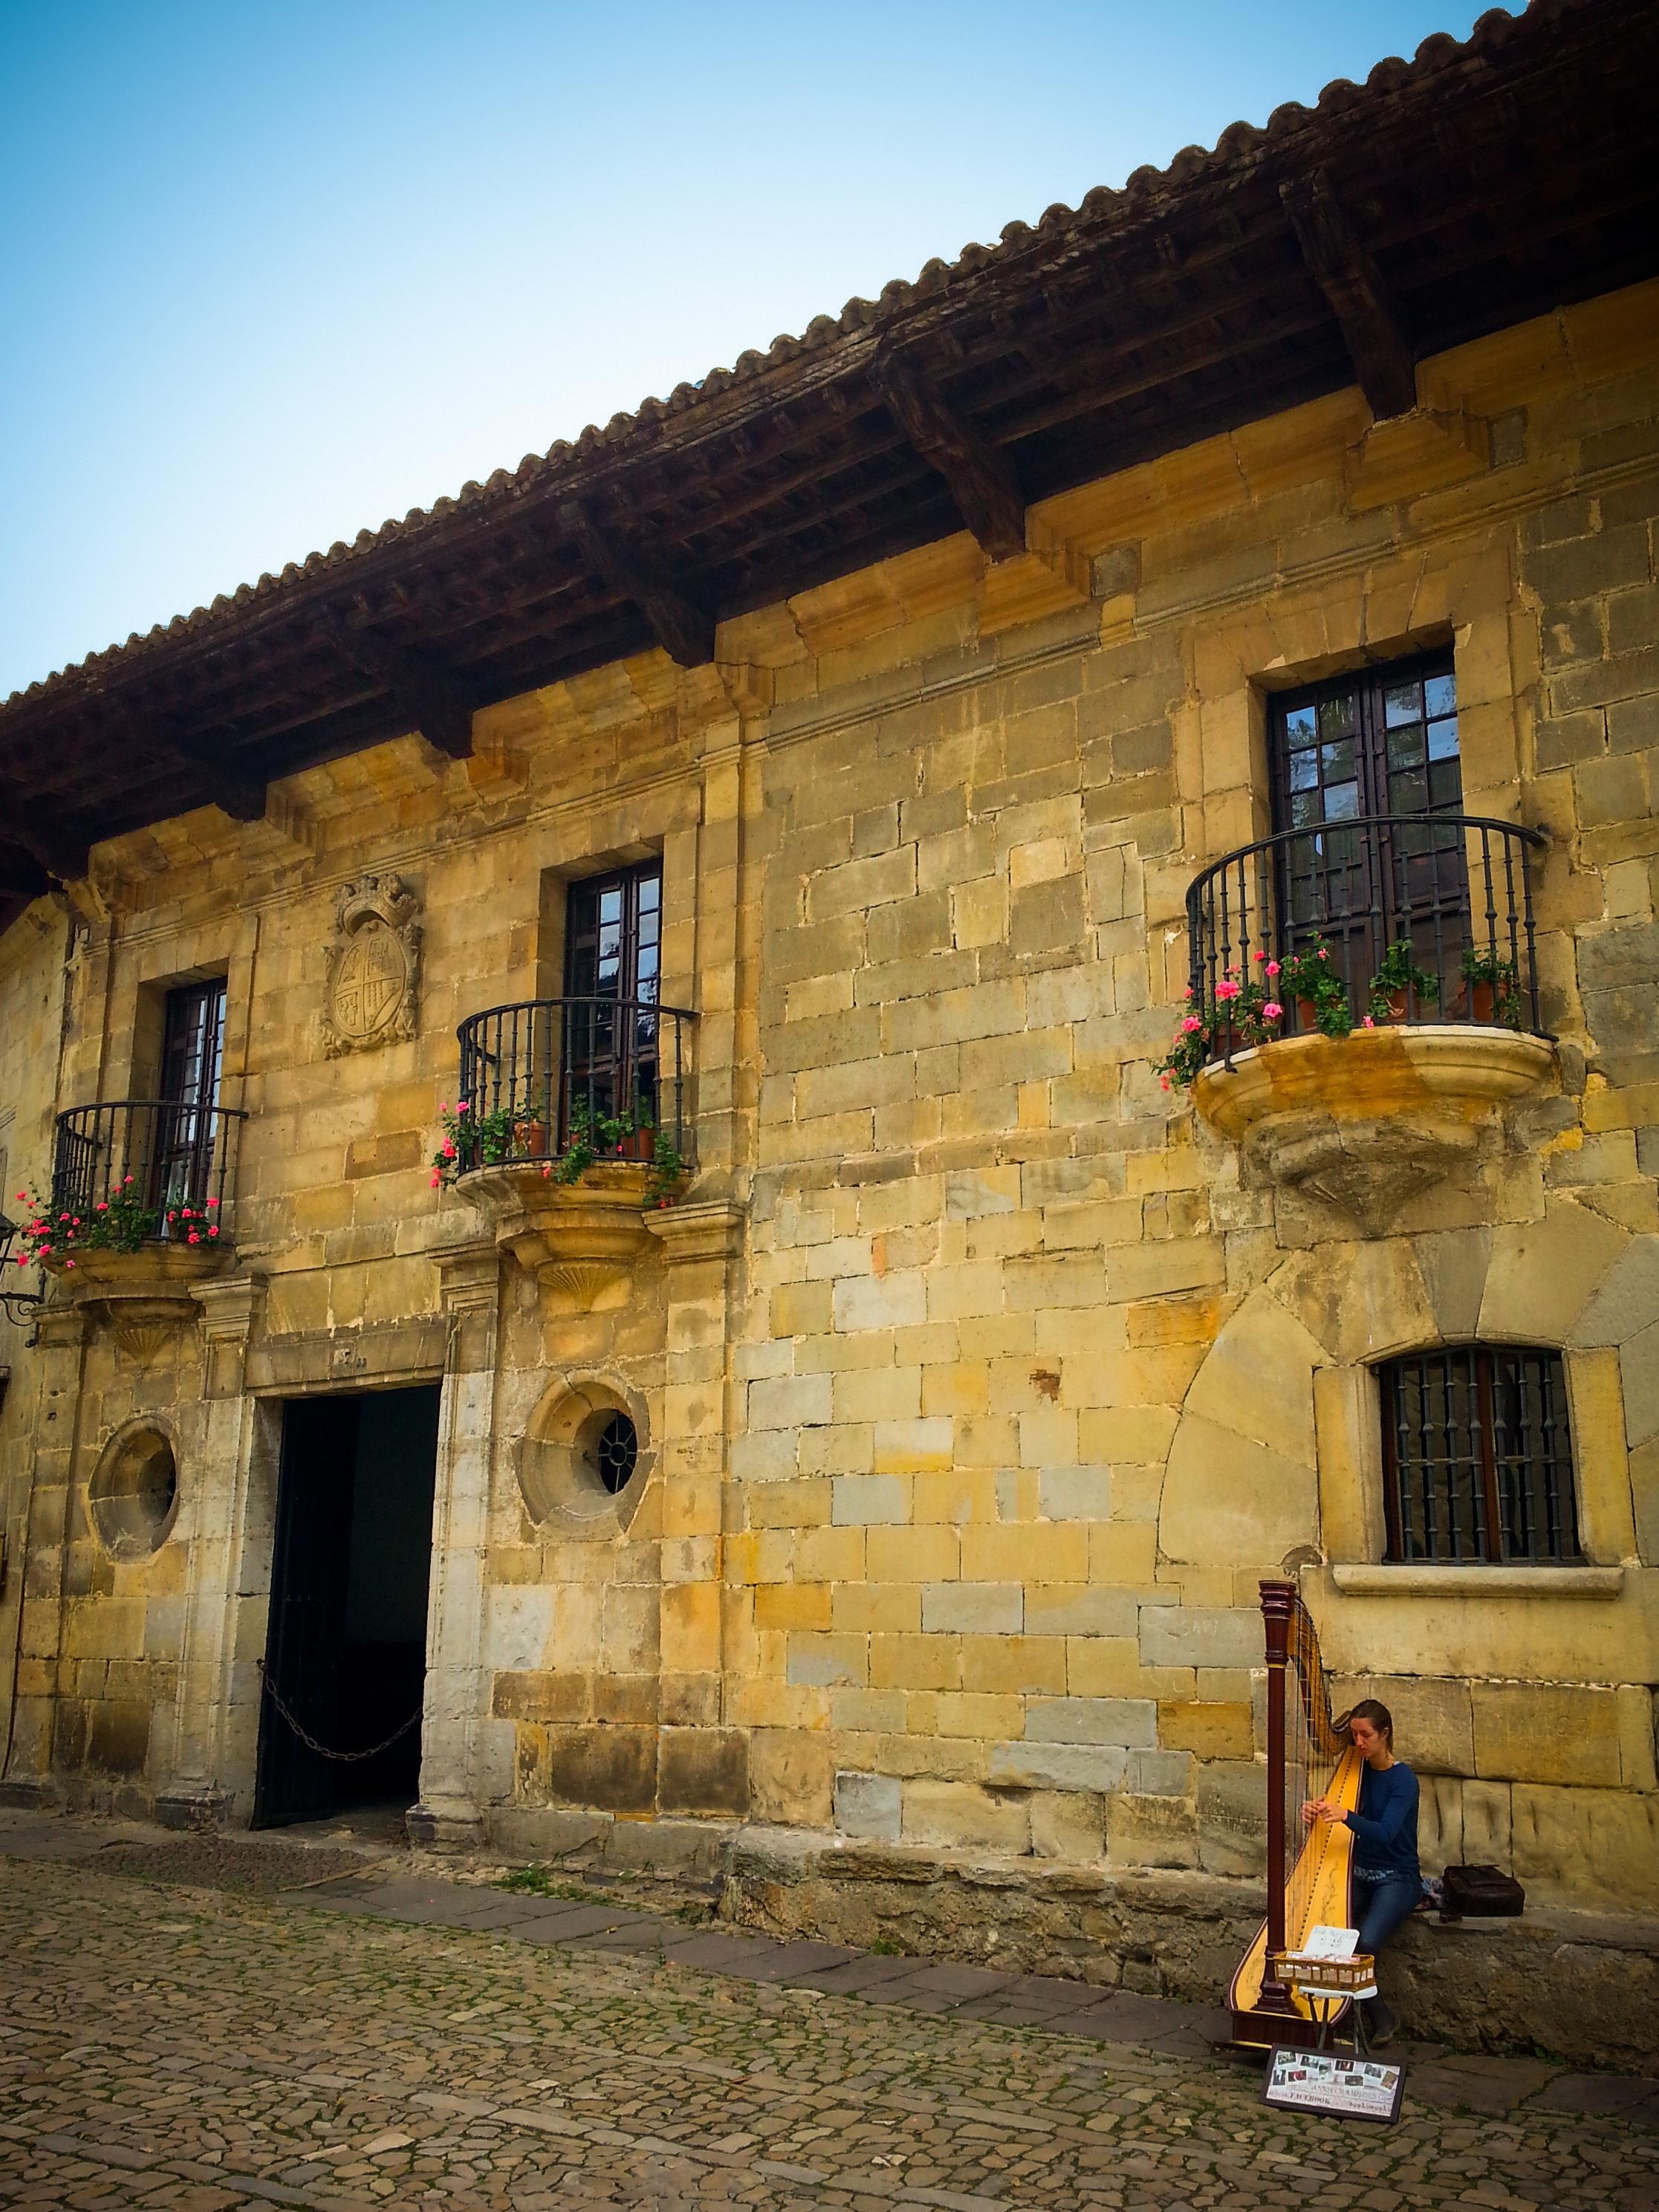 Fotos gratis m sica madera calle casa pueblo - Casa pueblo fotos ...